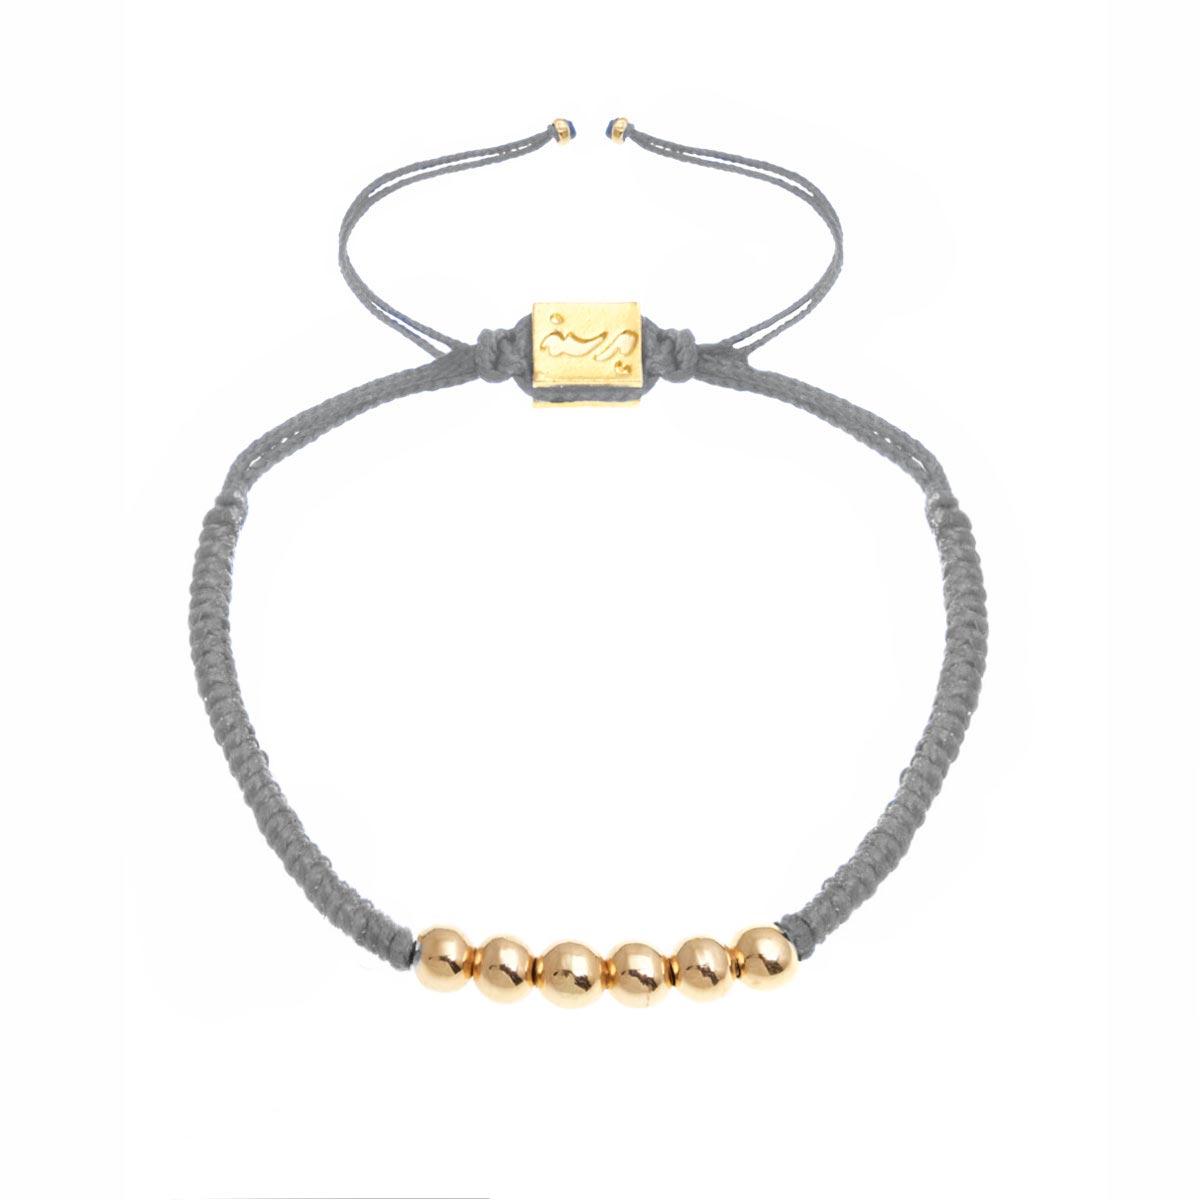 دستبند طلا بافت شش گوی